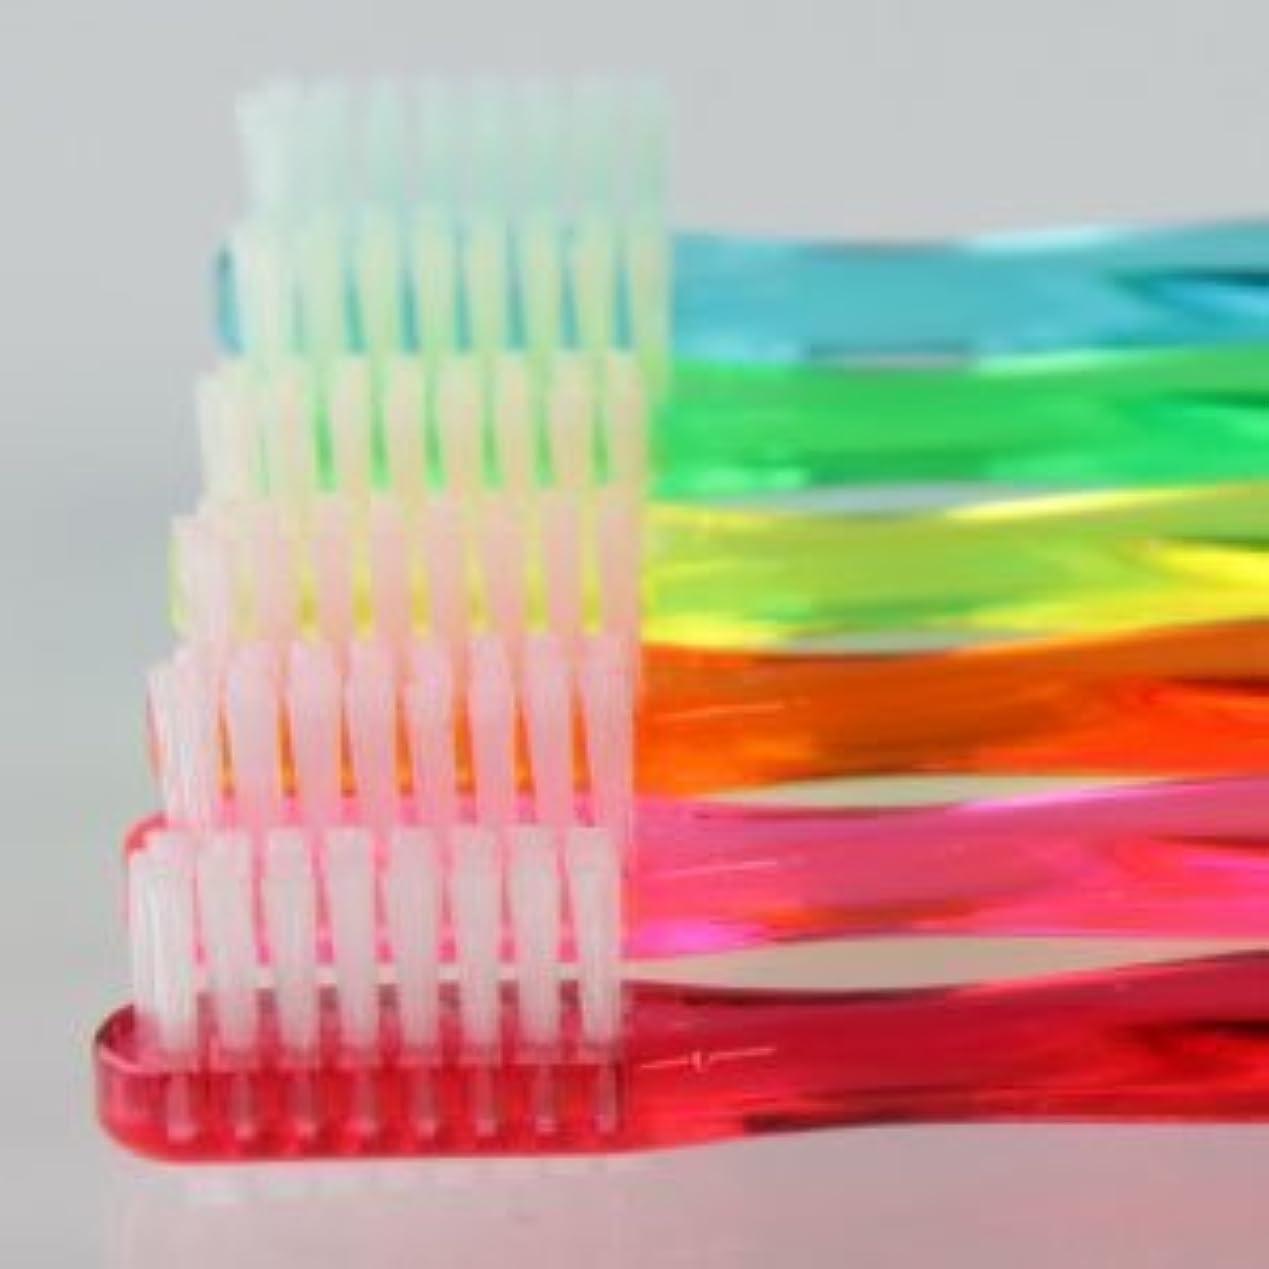 荒野保証する反逆者サムフレンド 歯ブラシ #11(乳歯?永久歯の混合歯列期向け) 6本 ※お色は当店お任せです